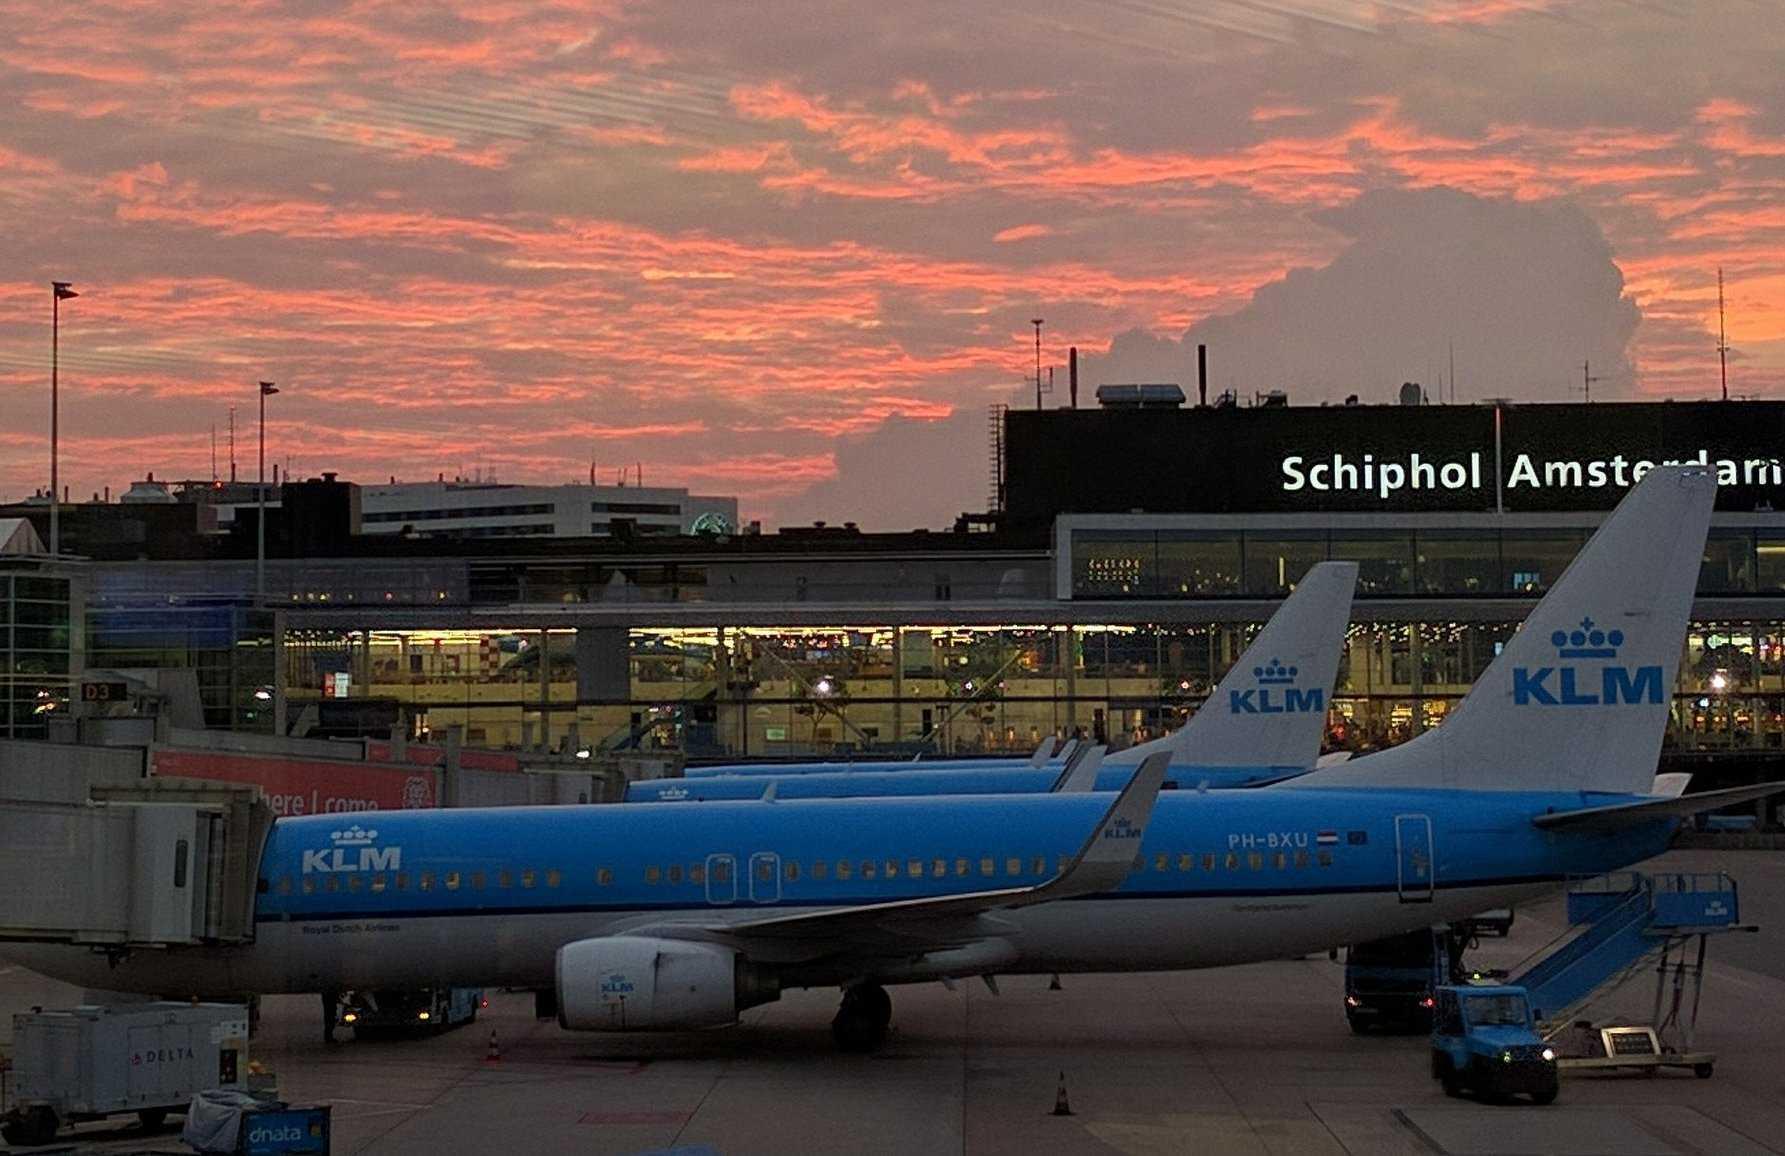 נמל התעופה סכיפהול אמסטרדם - המדריך הטוב ביותר ברשת!